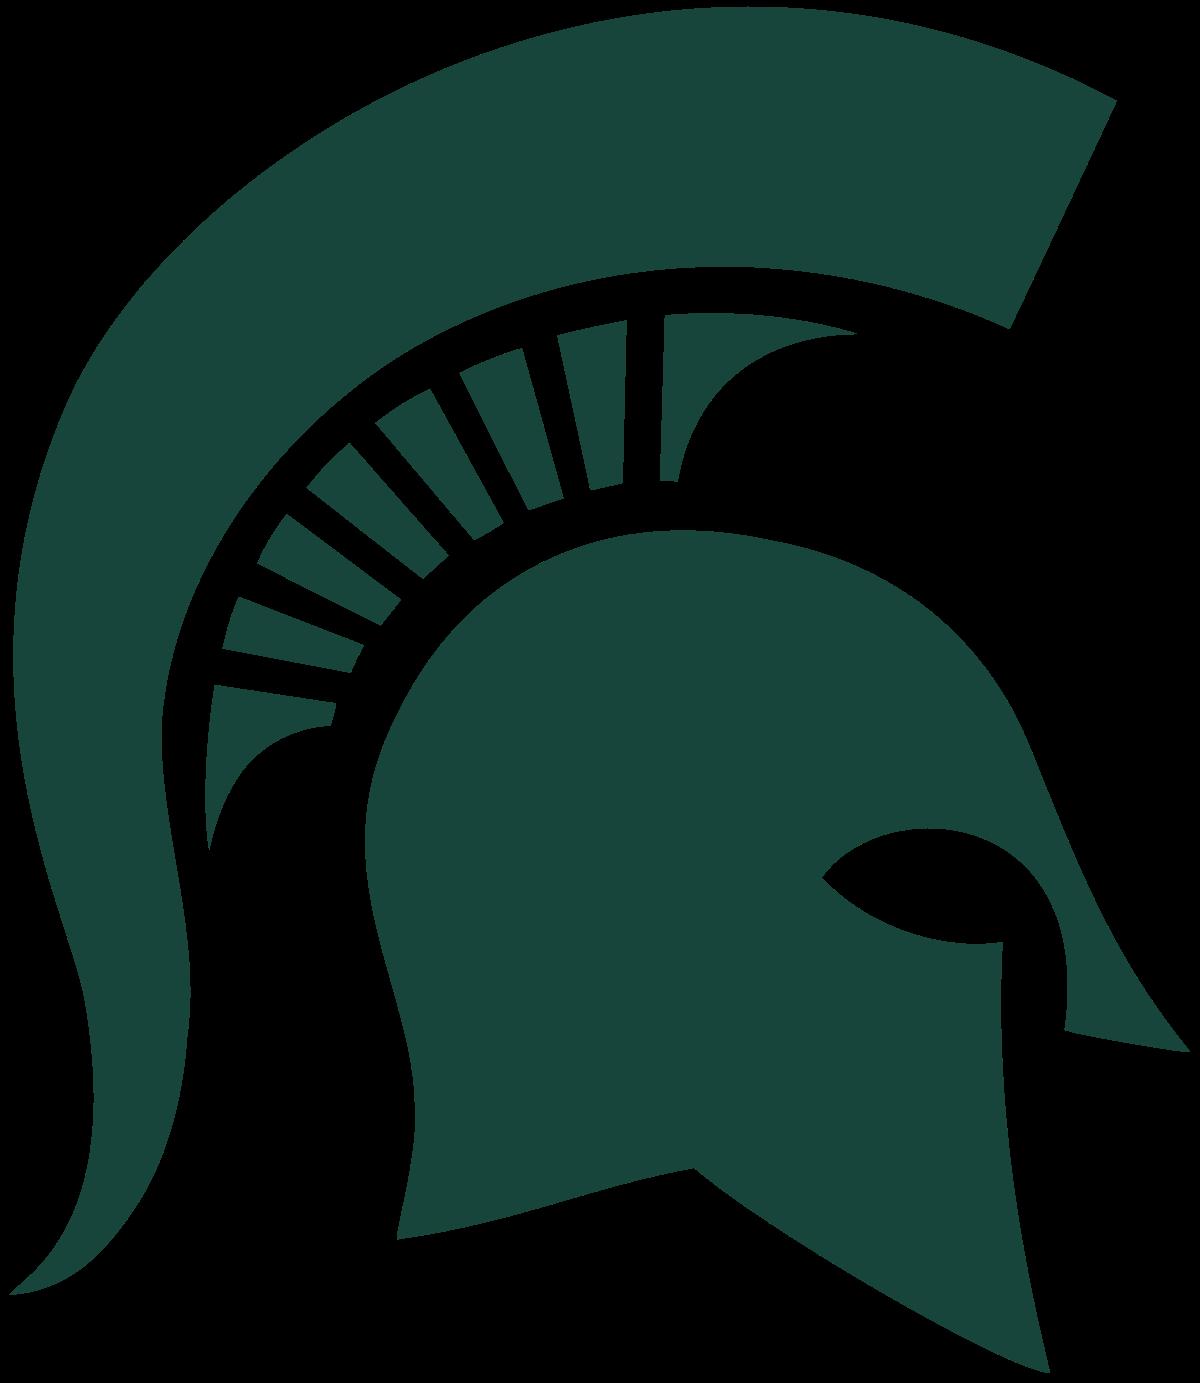 Michigan State University Volleyball